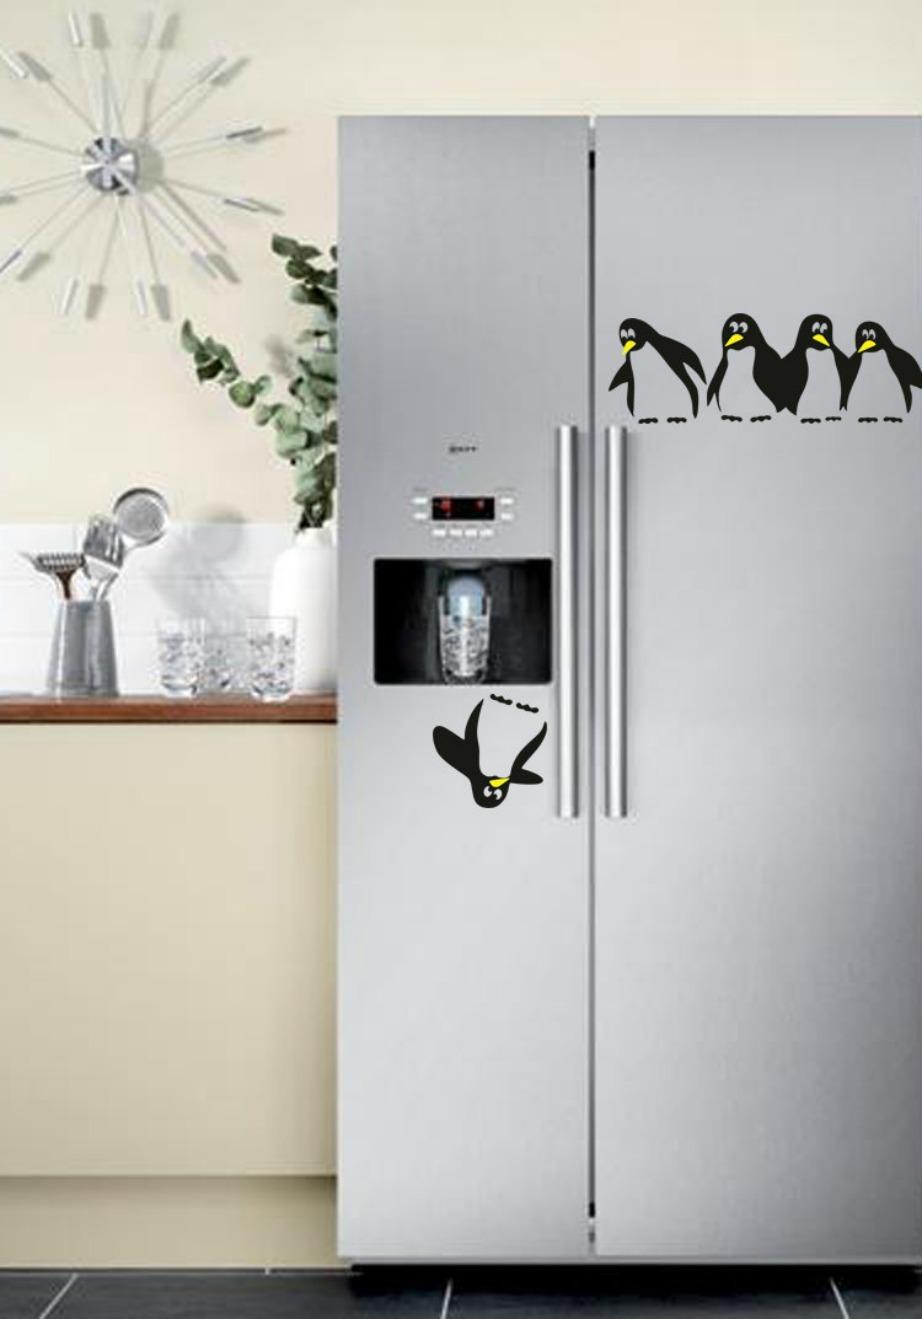 Σε e-shops και σε καταστάηματα με είδη σπιτιού μπορείτε να βρείτε μια μεγάλη ποικιλία με αυτοκόλλητα ψυγείων.